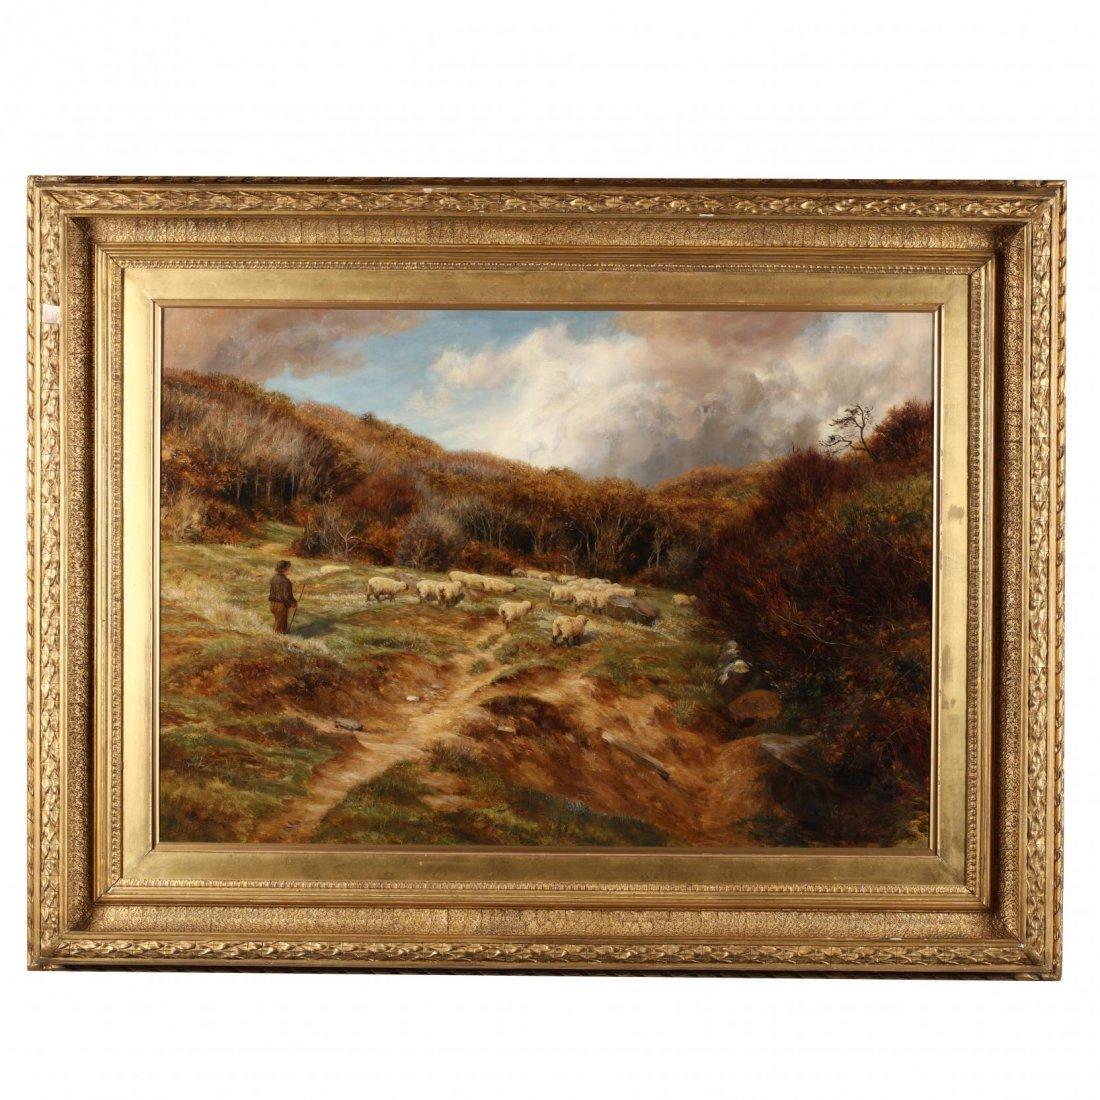 Charles Edward Johnson (Br., 1832-1913), Shephard and